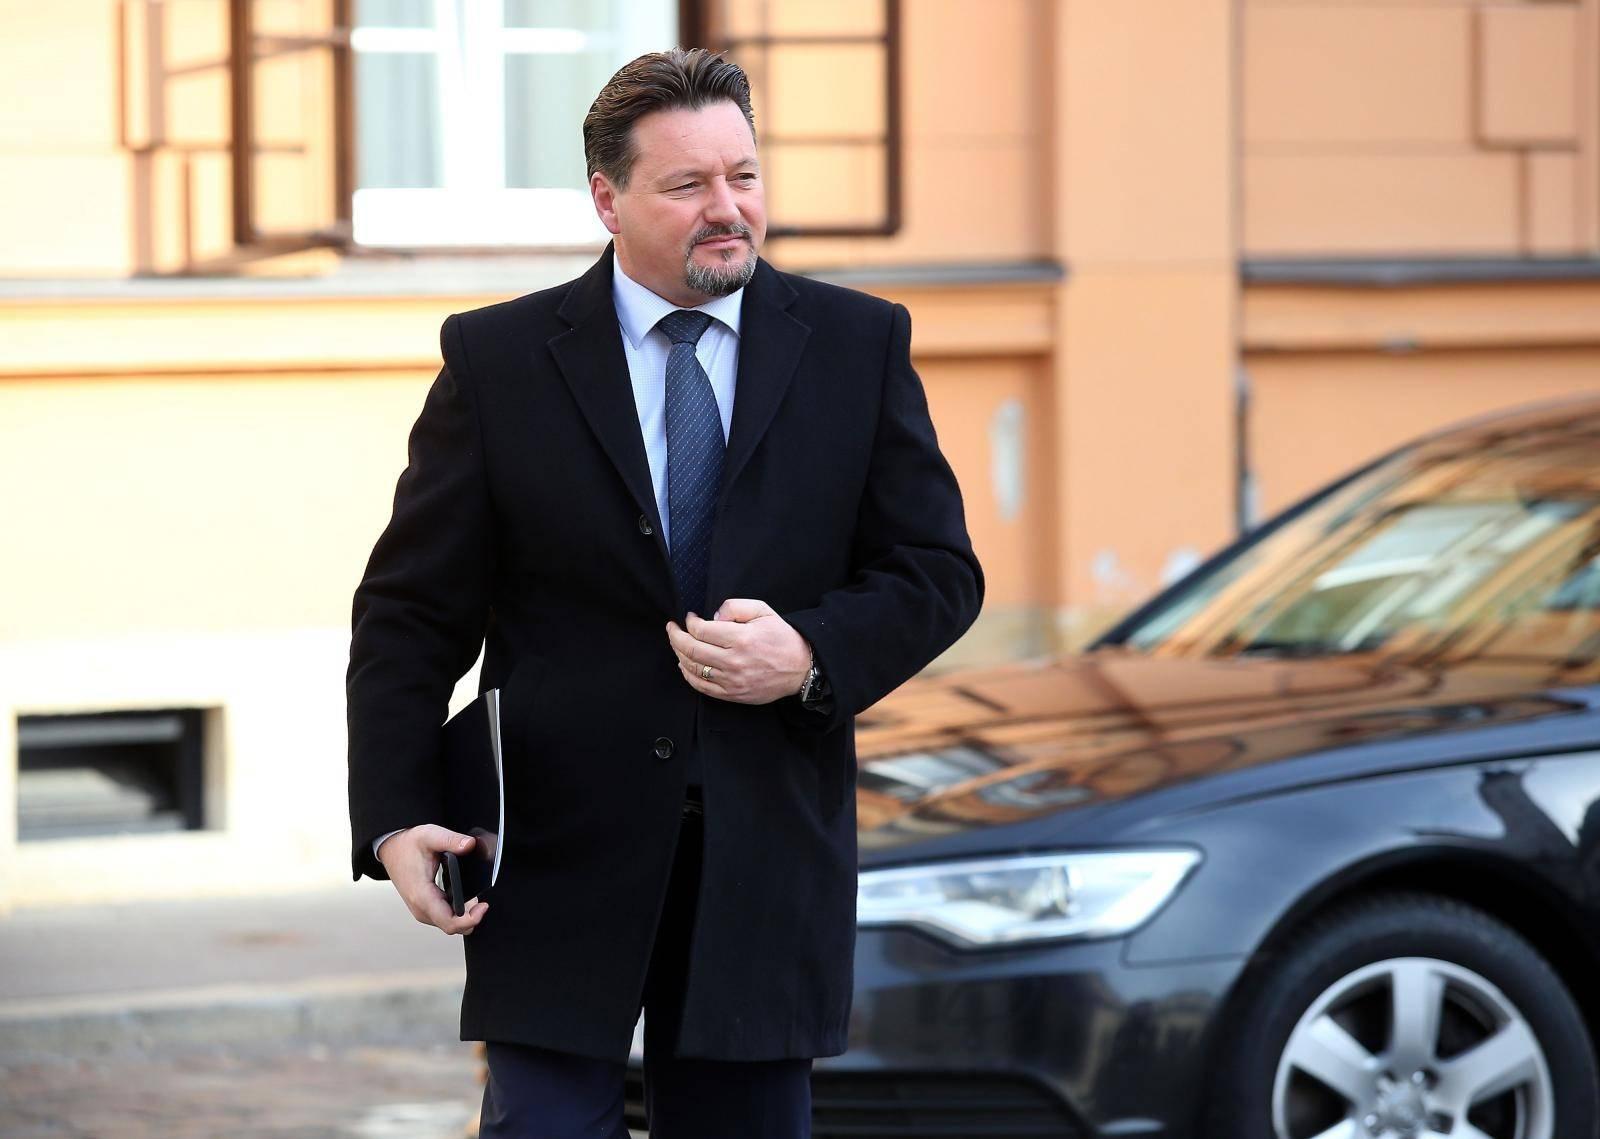 Klarin i Kuščević vraćaju se u Sabor, još traže nove ministre